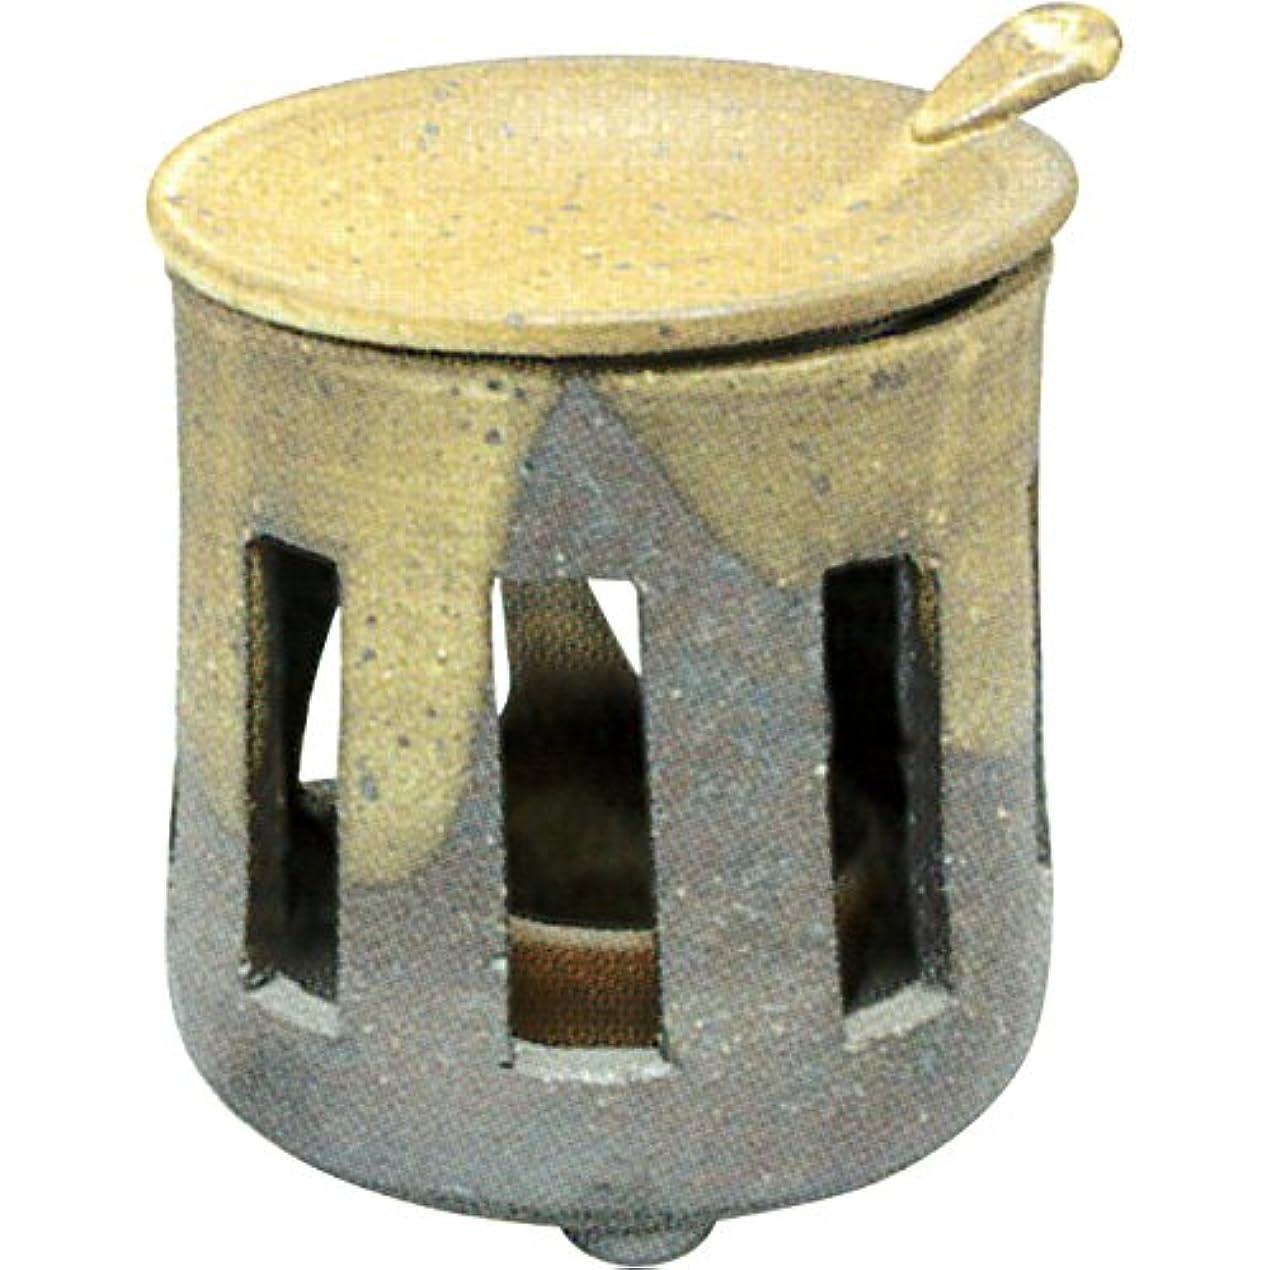 水星ぼかす配管工茶香炉 : 常滑焼 焜清 茶香炉?サ39-03